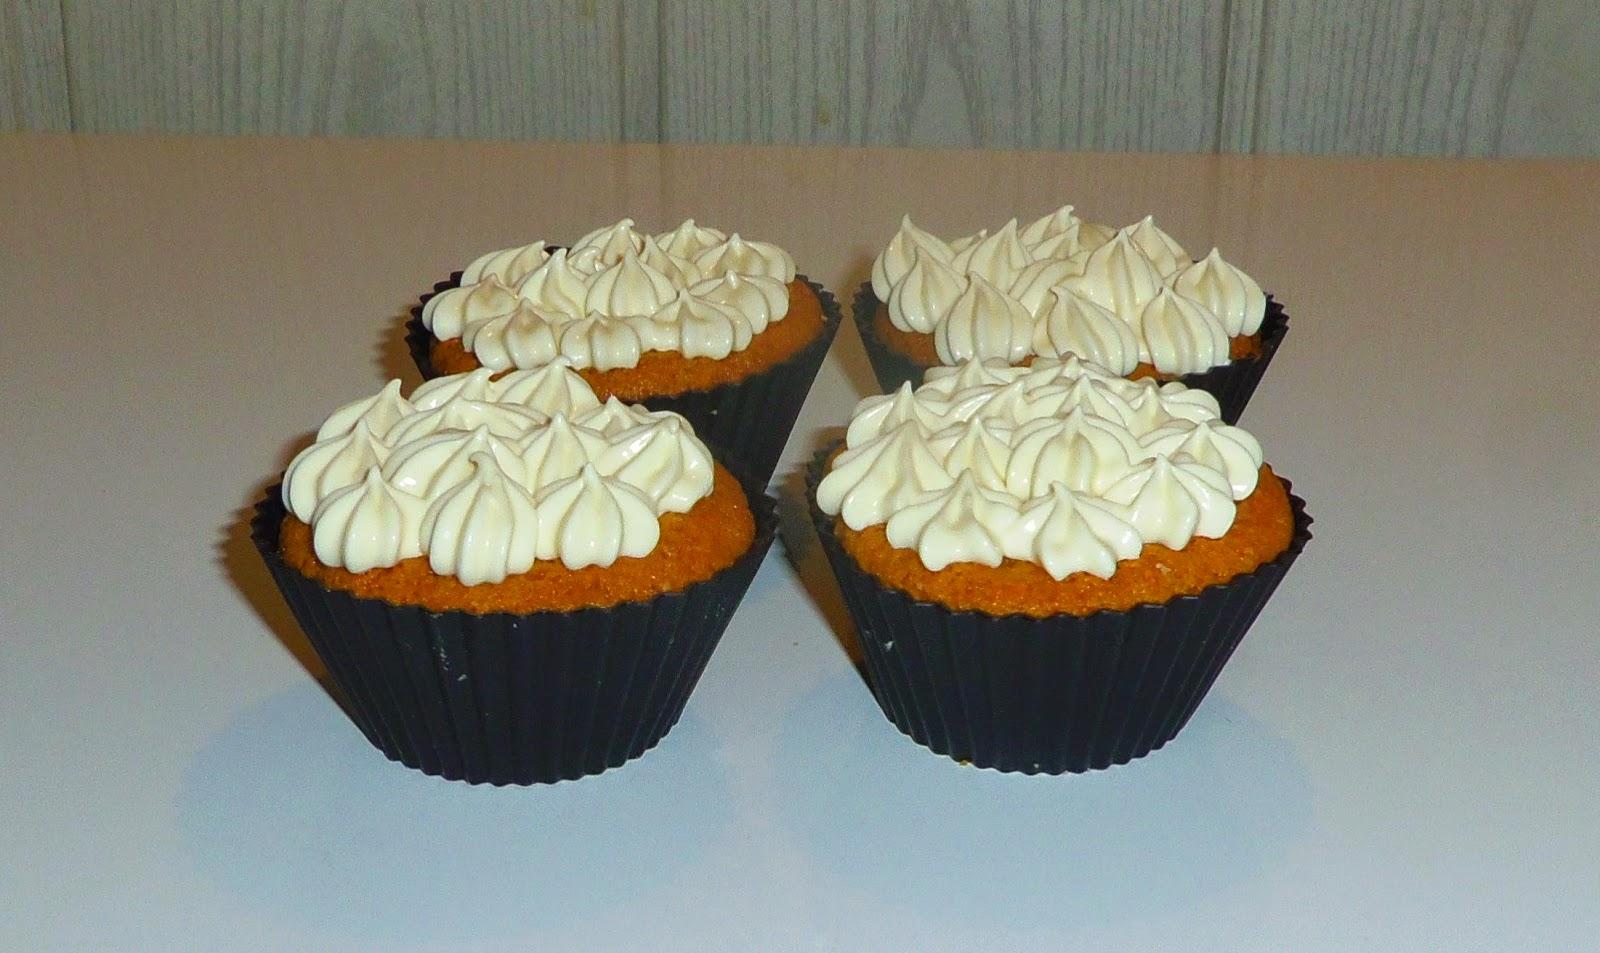 cupcakes, cupcakes au citron, cupcakes au chocolat blanc, recette de crème citron, recette de ganache au chocolat blanc